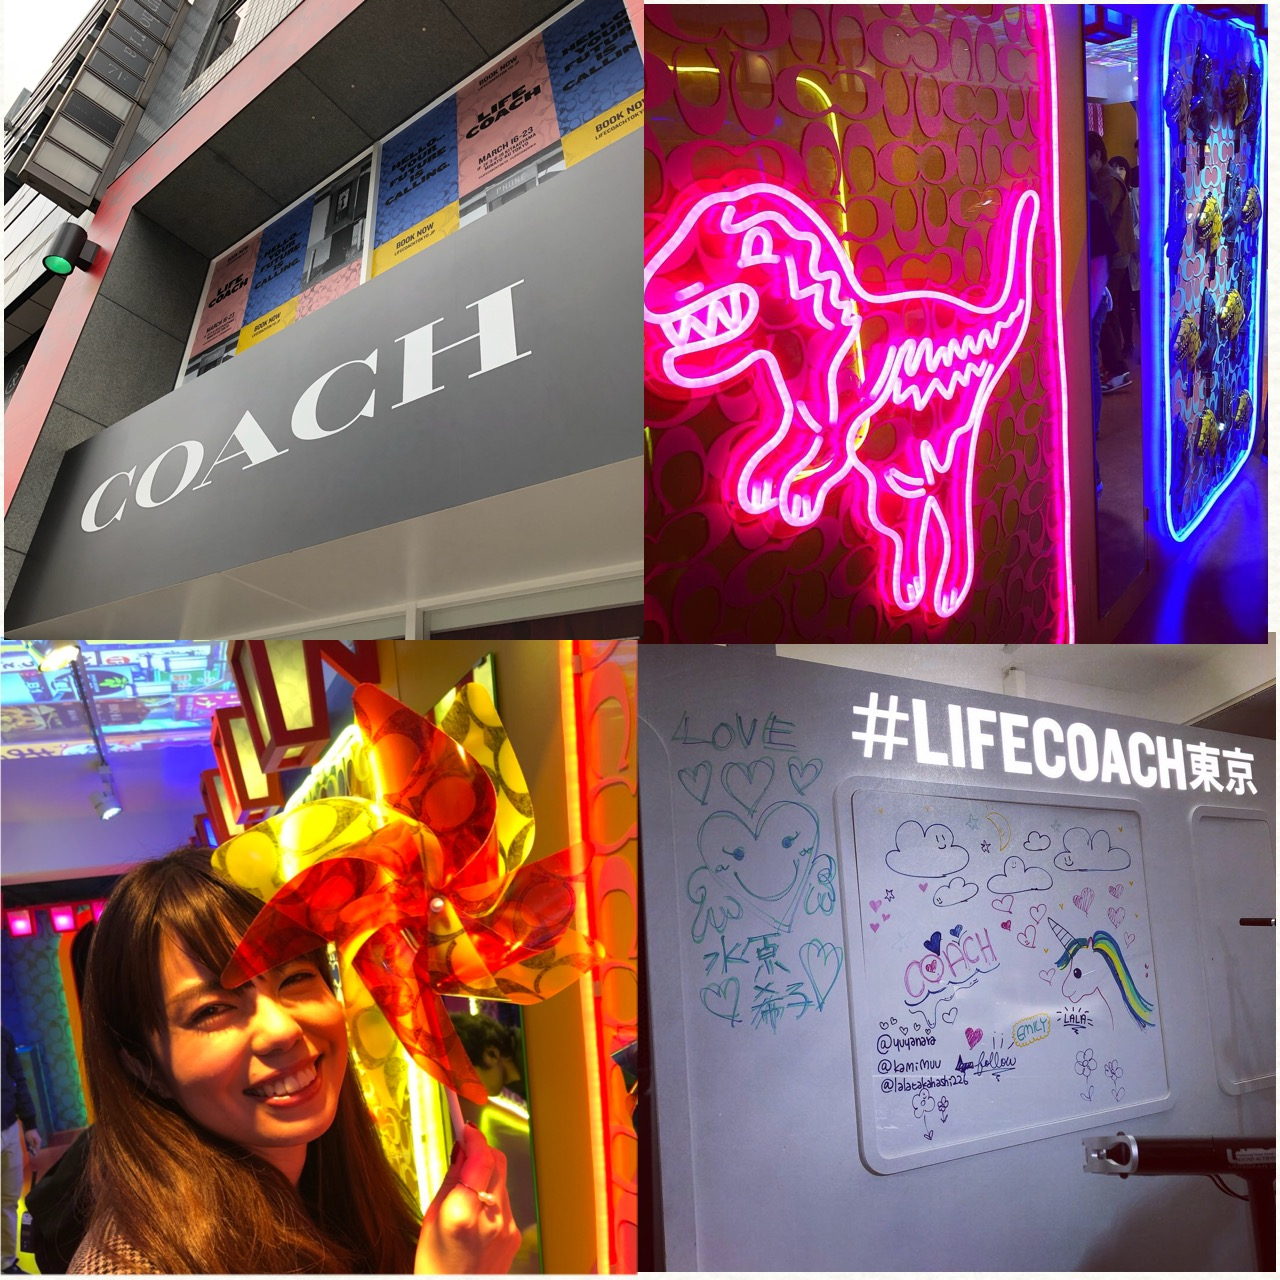 《#LIFECOACH東京》 3/16〜3/23まで開催中!COACH主催のインタラクティブな体験型イベントにいってきました♡ _7